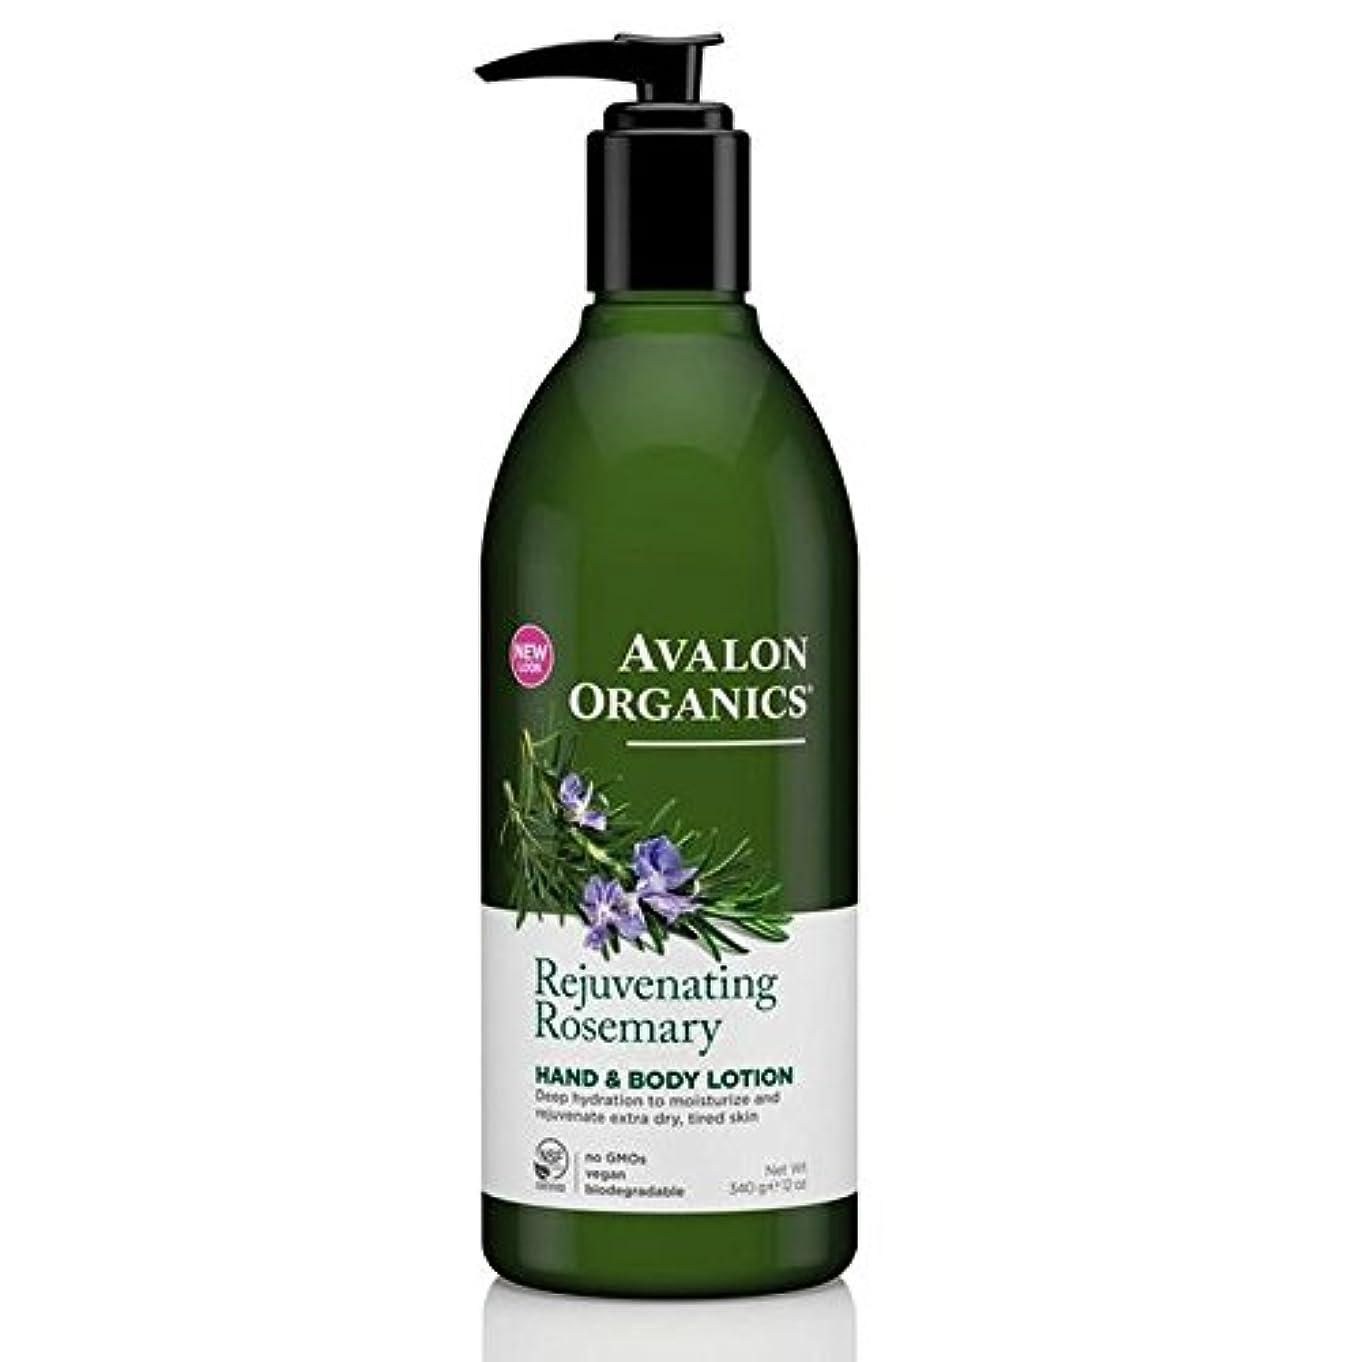 つぶやき出費影響力のあるAvalon Organics Rosemary Hand & Body Lotion 340g (Pack of 6) - (Avalon) ローズマリーハンド&ボディローション340グラム (x6) [並行輸入品]